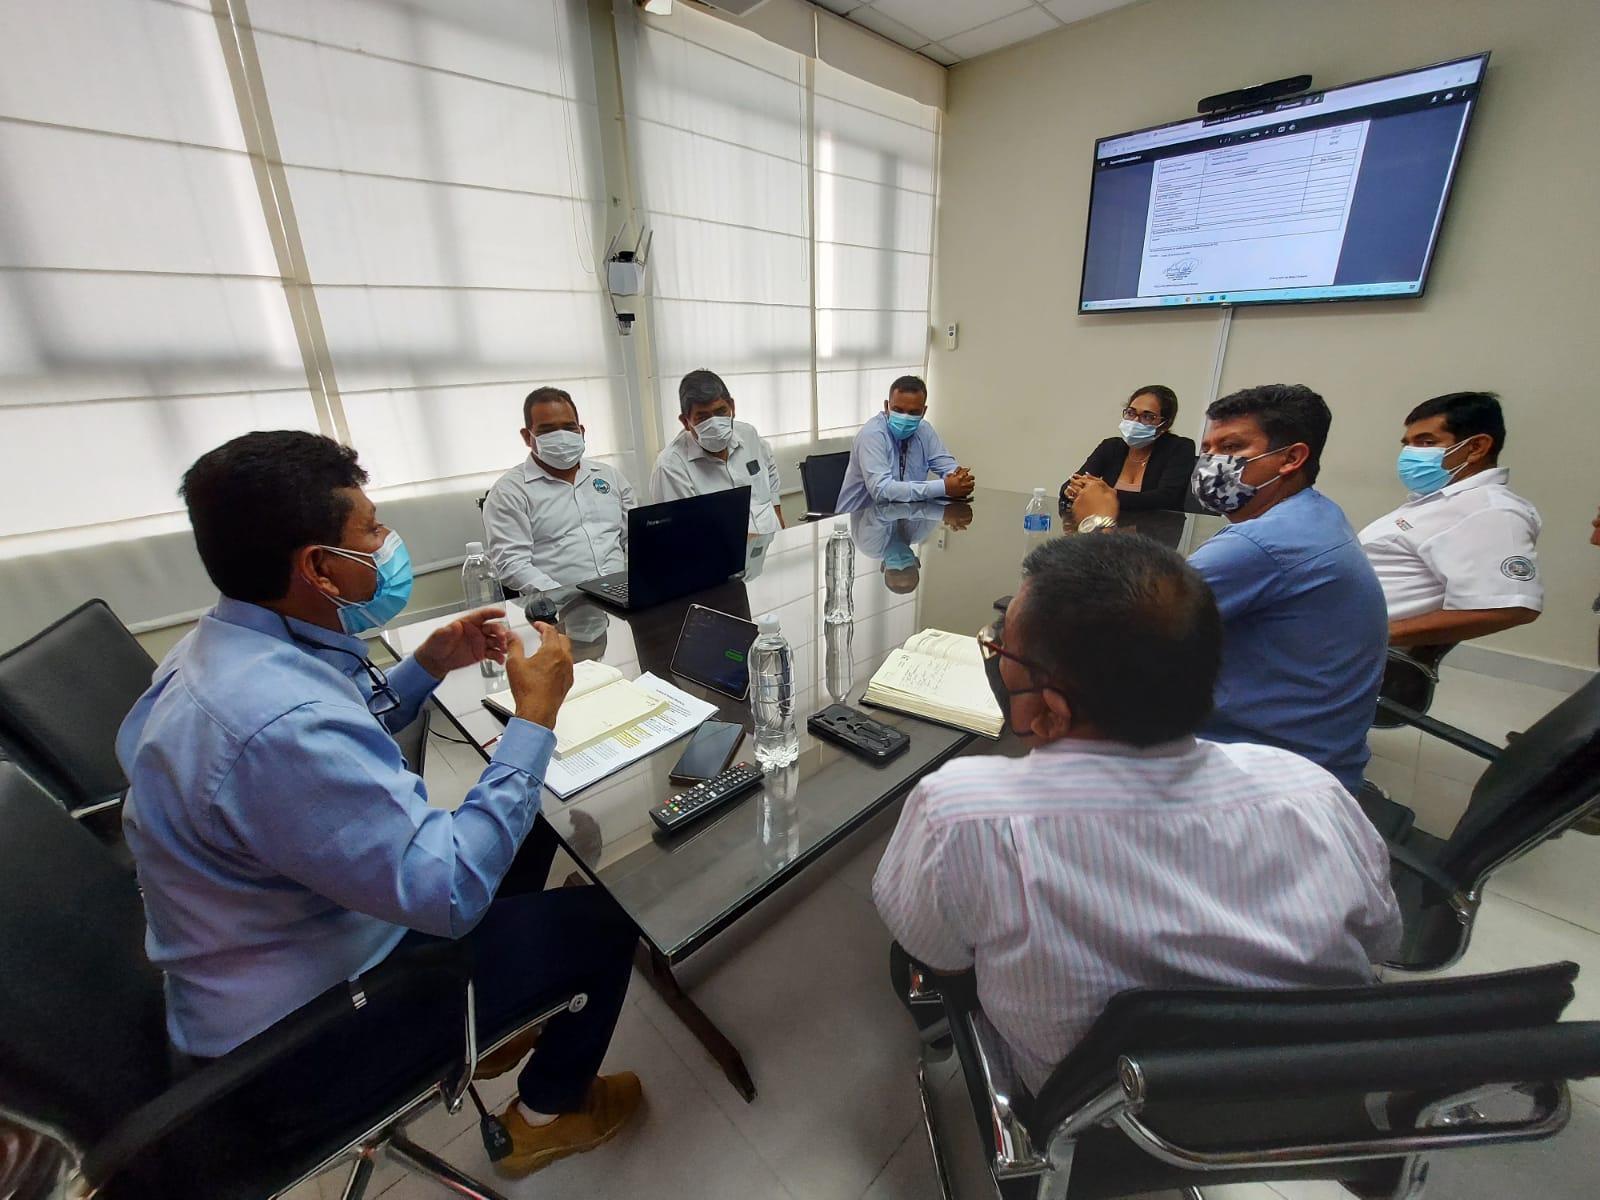 90% de la población se beneficiará con el proyecto de digitalización del Hospital Regional